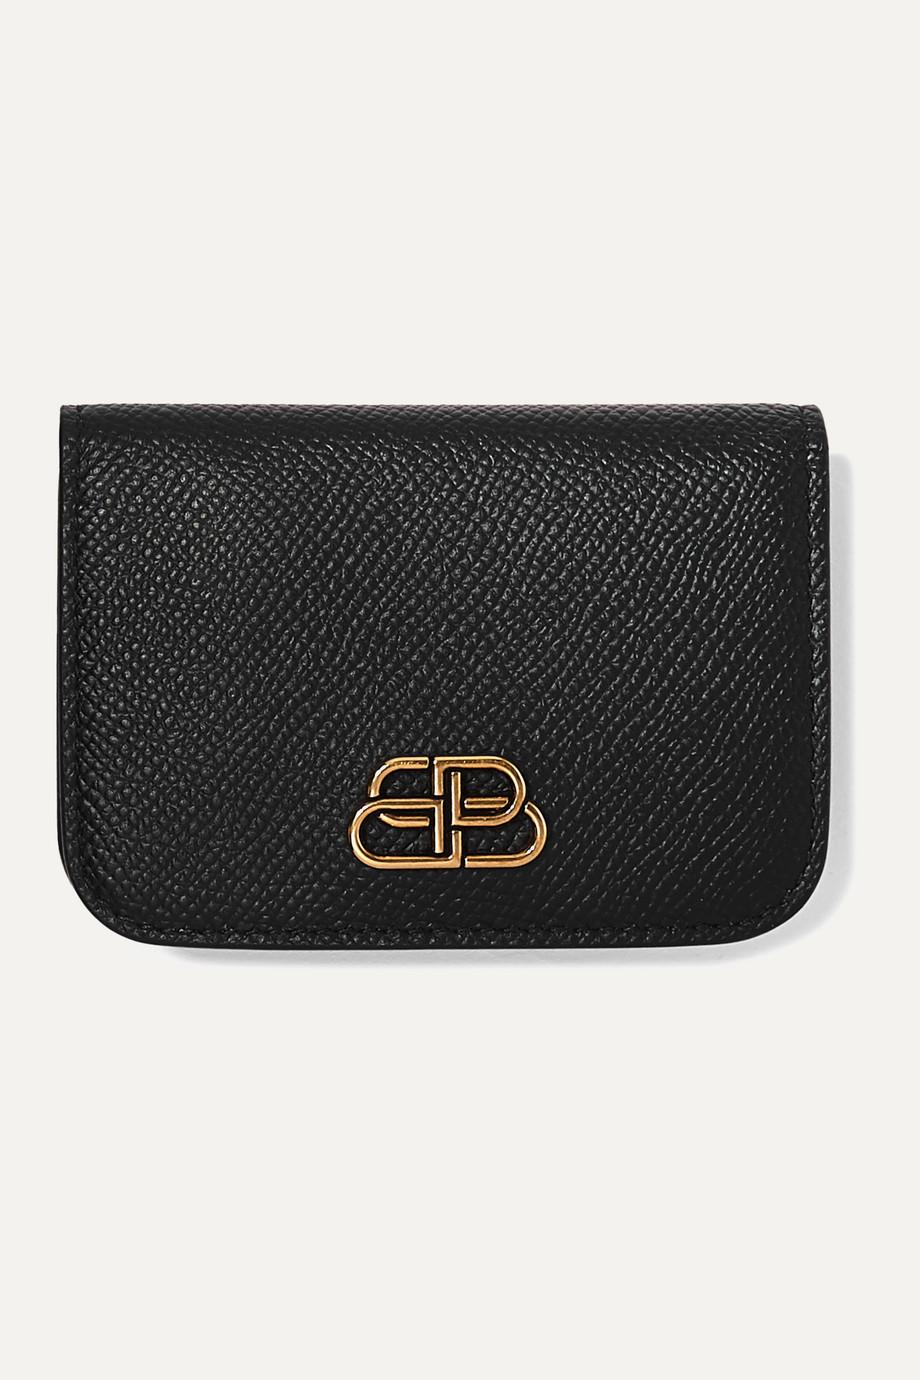 Balenciaga BB mini textured-leather wallet